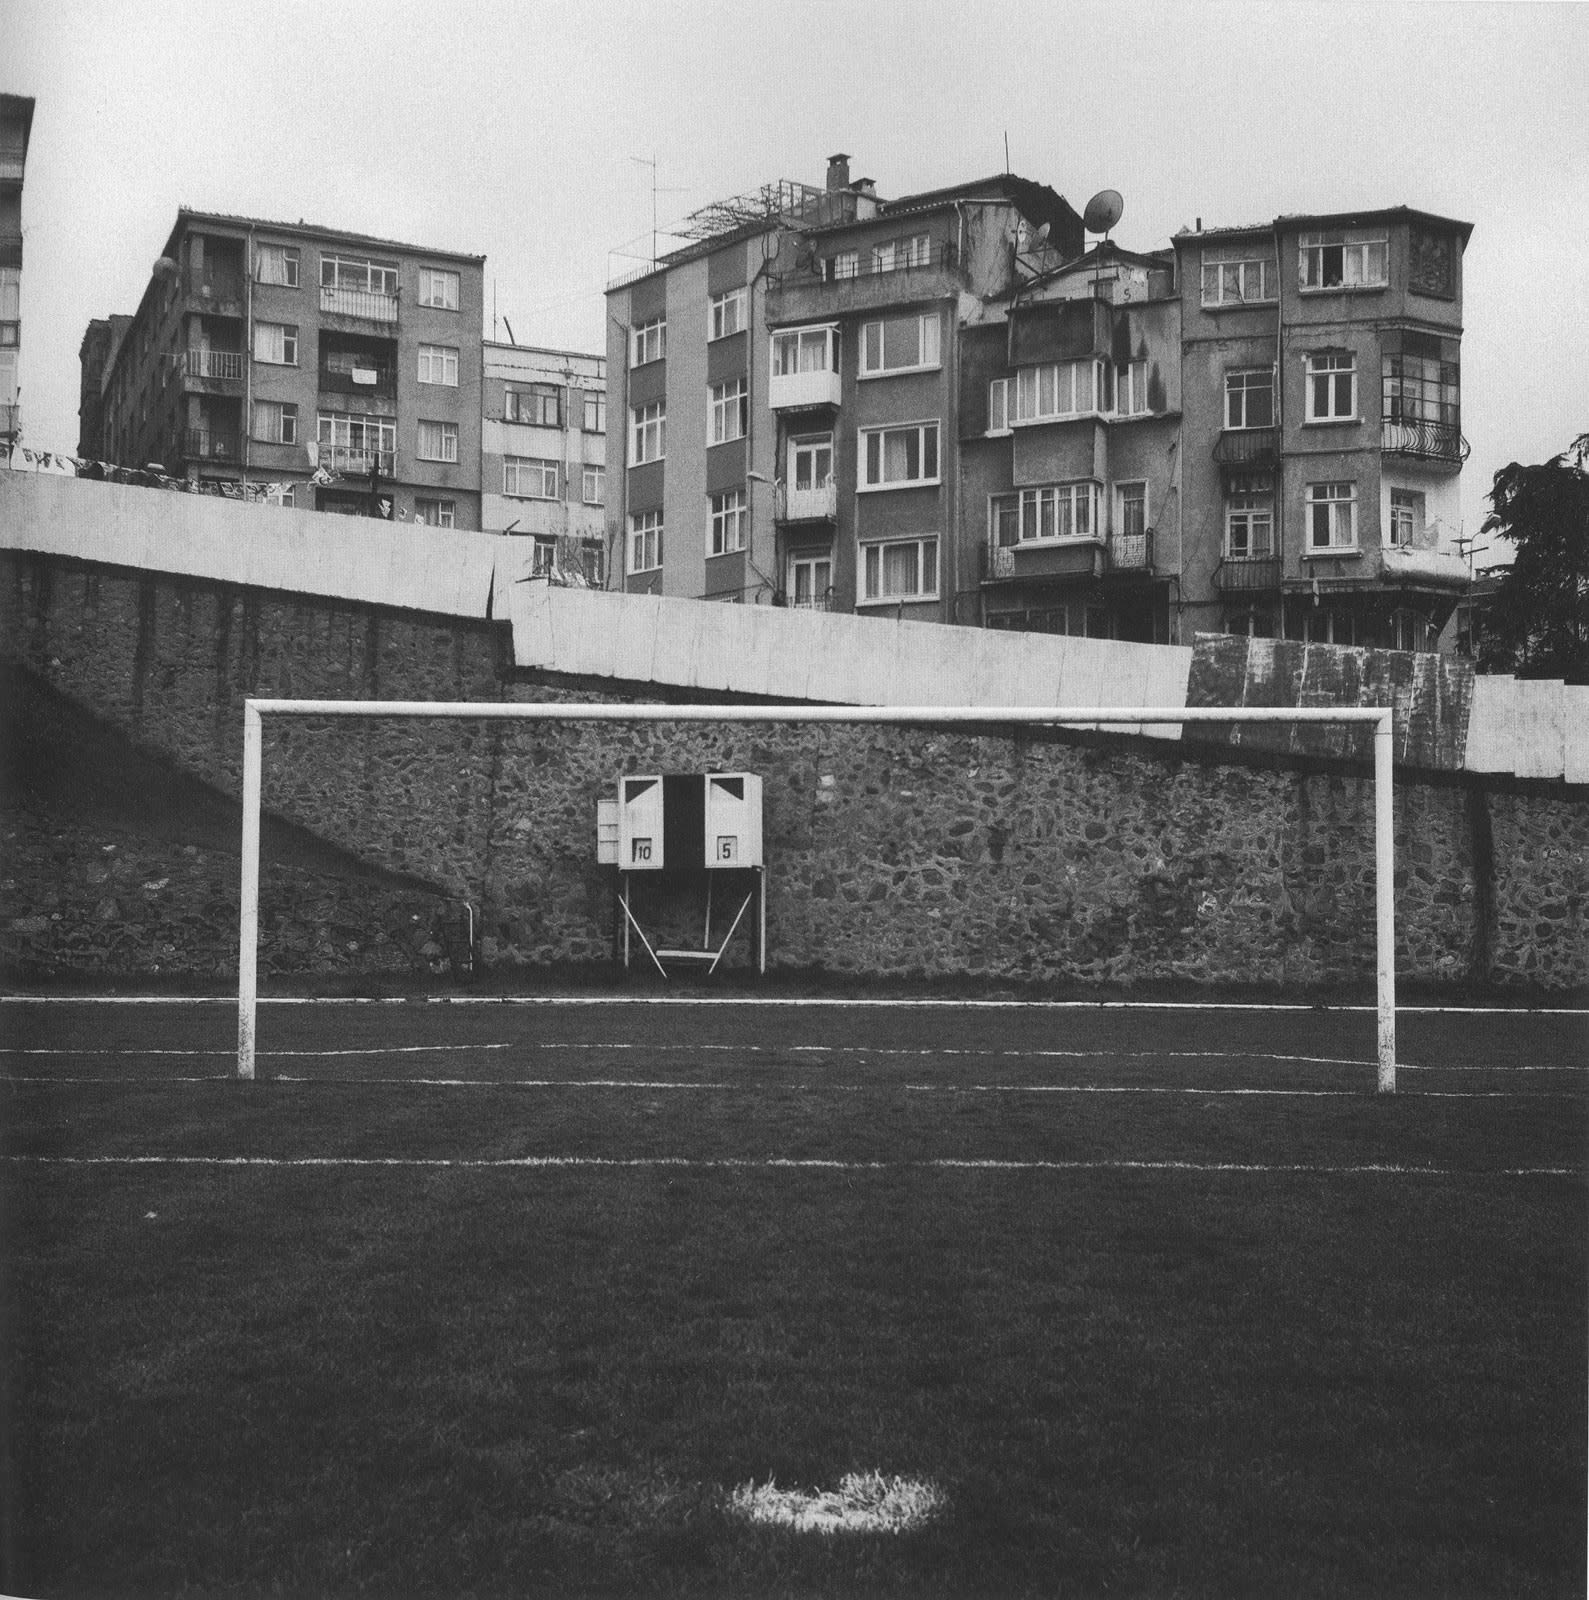 Pierre Schwartz, Istanbul, Turquie, 1999